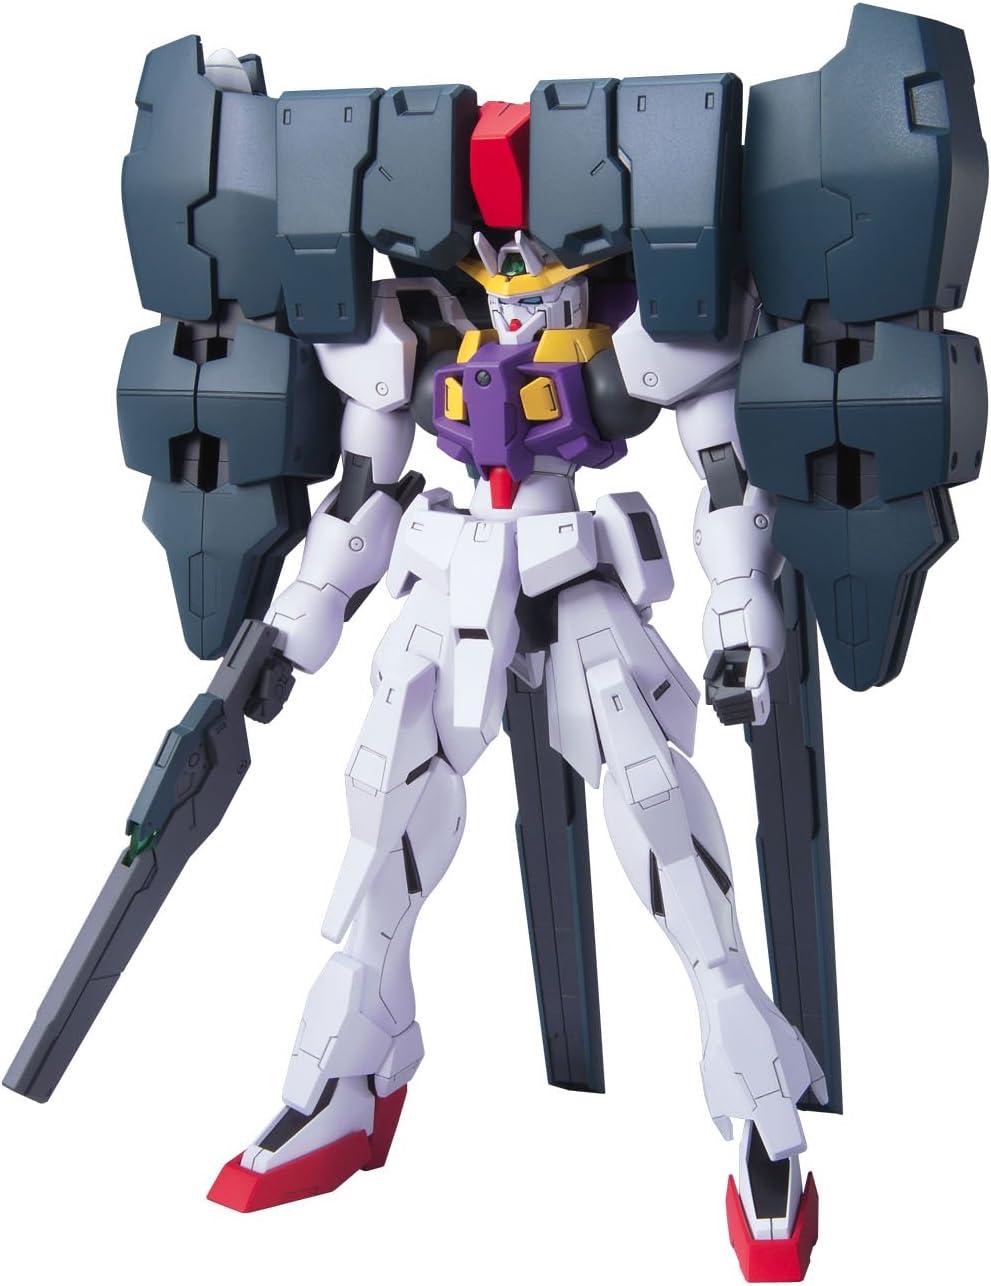 Gundam 00 Awakening of The trailblezer Gundam Harute 1//144 Scale Model Kit #68